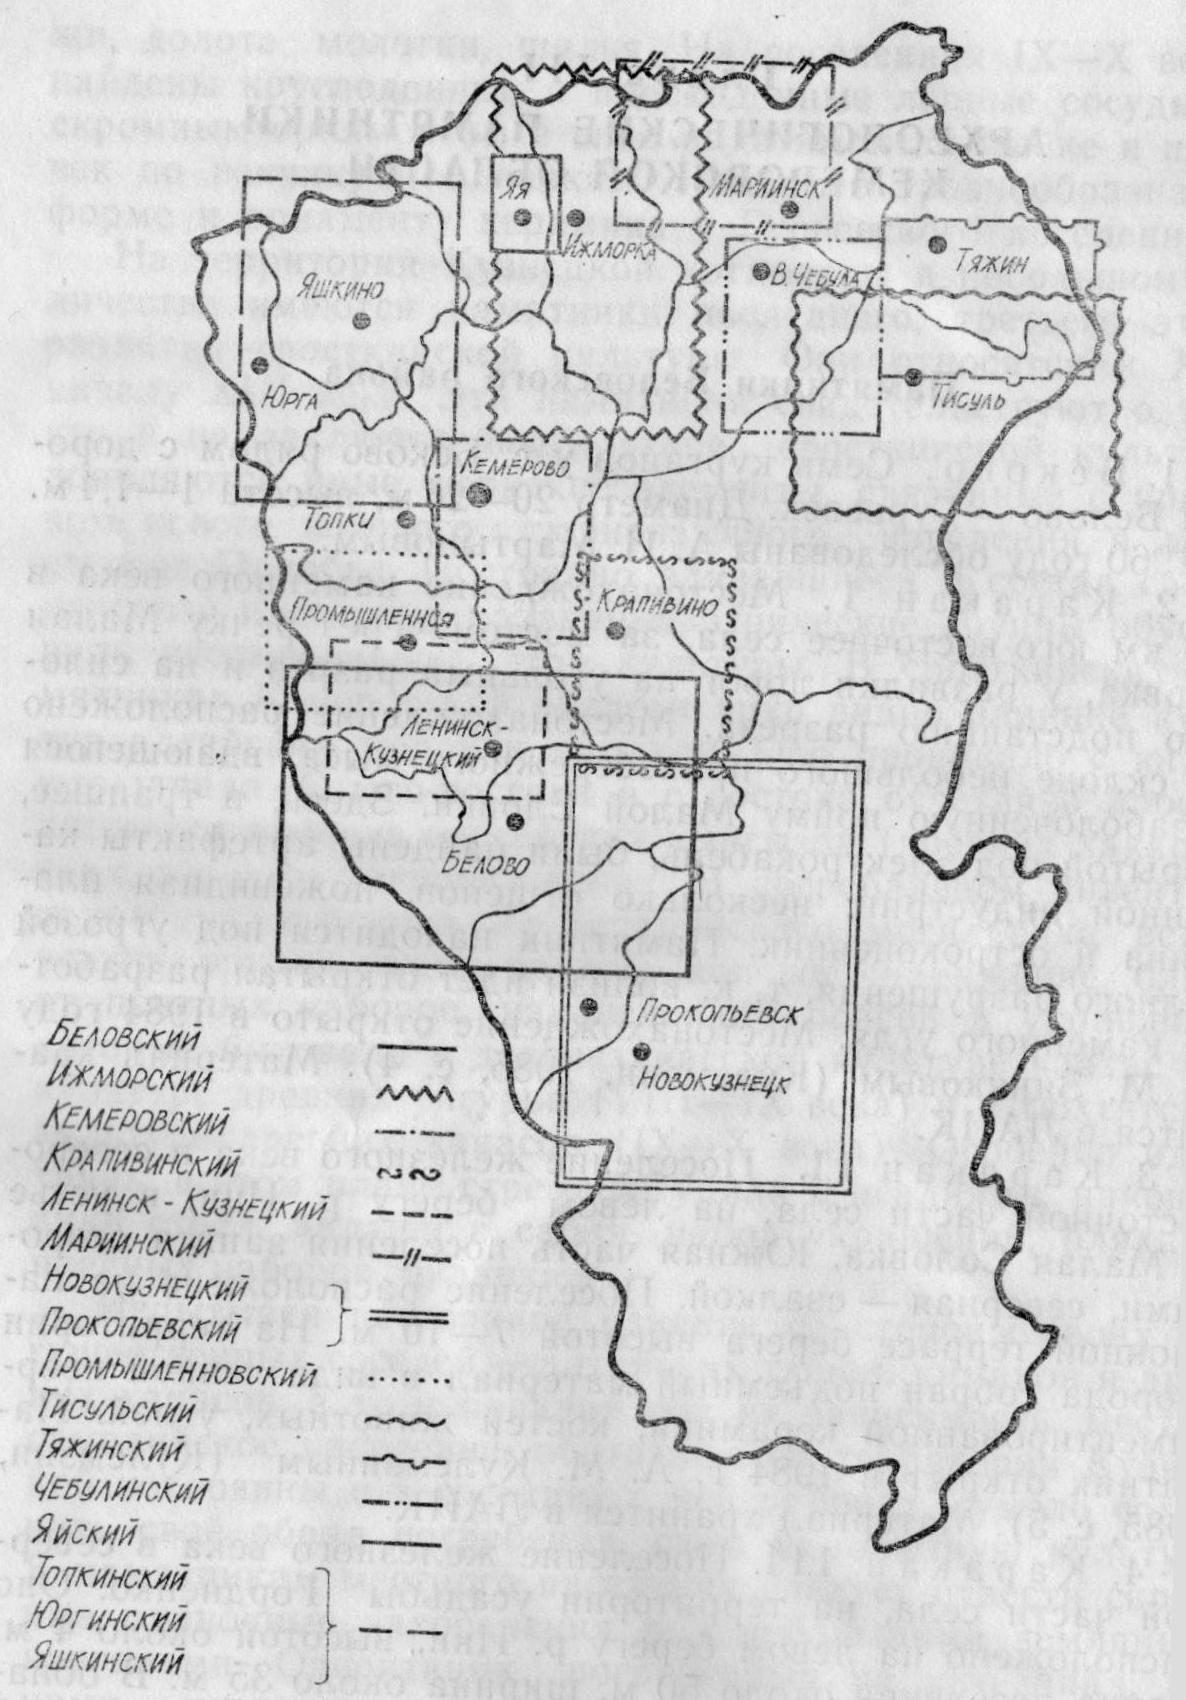 Схема расположения археологических карт районов Кемеровской области